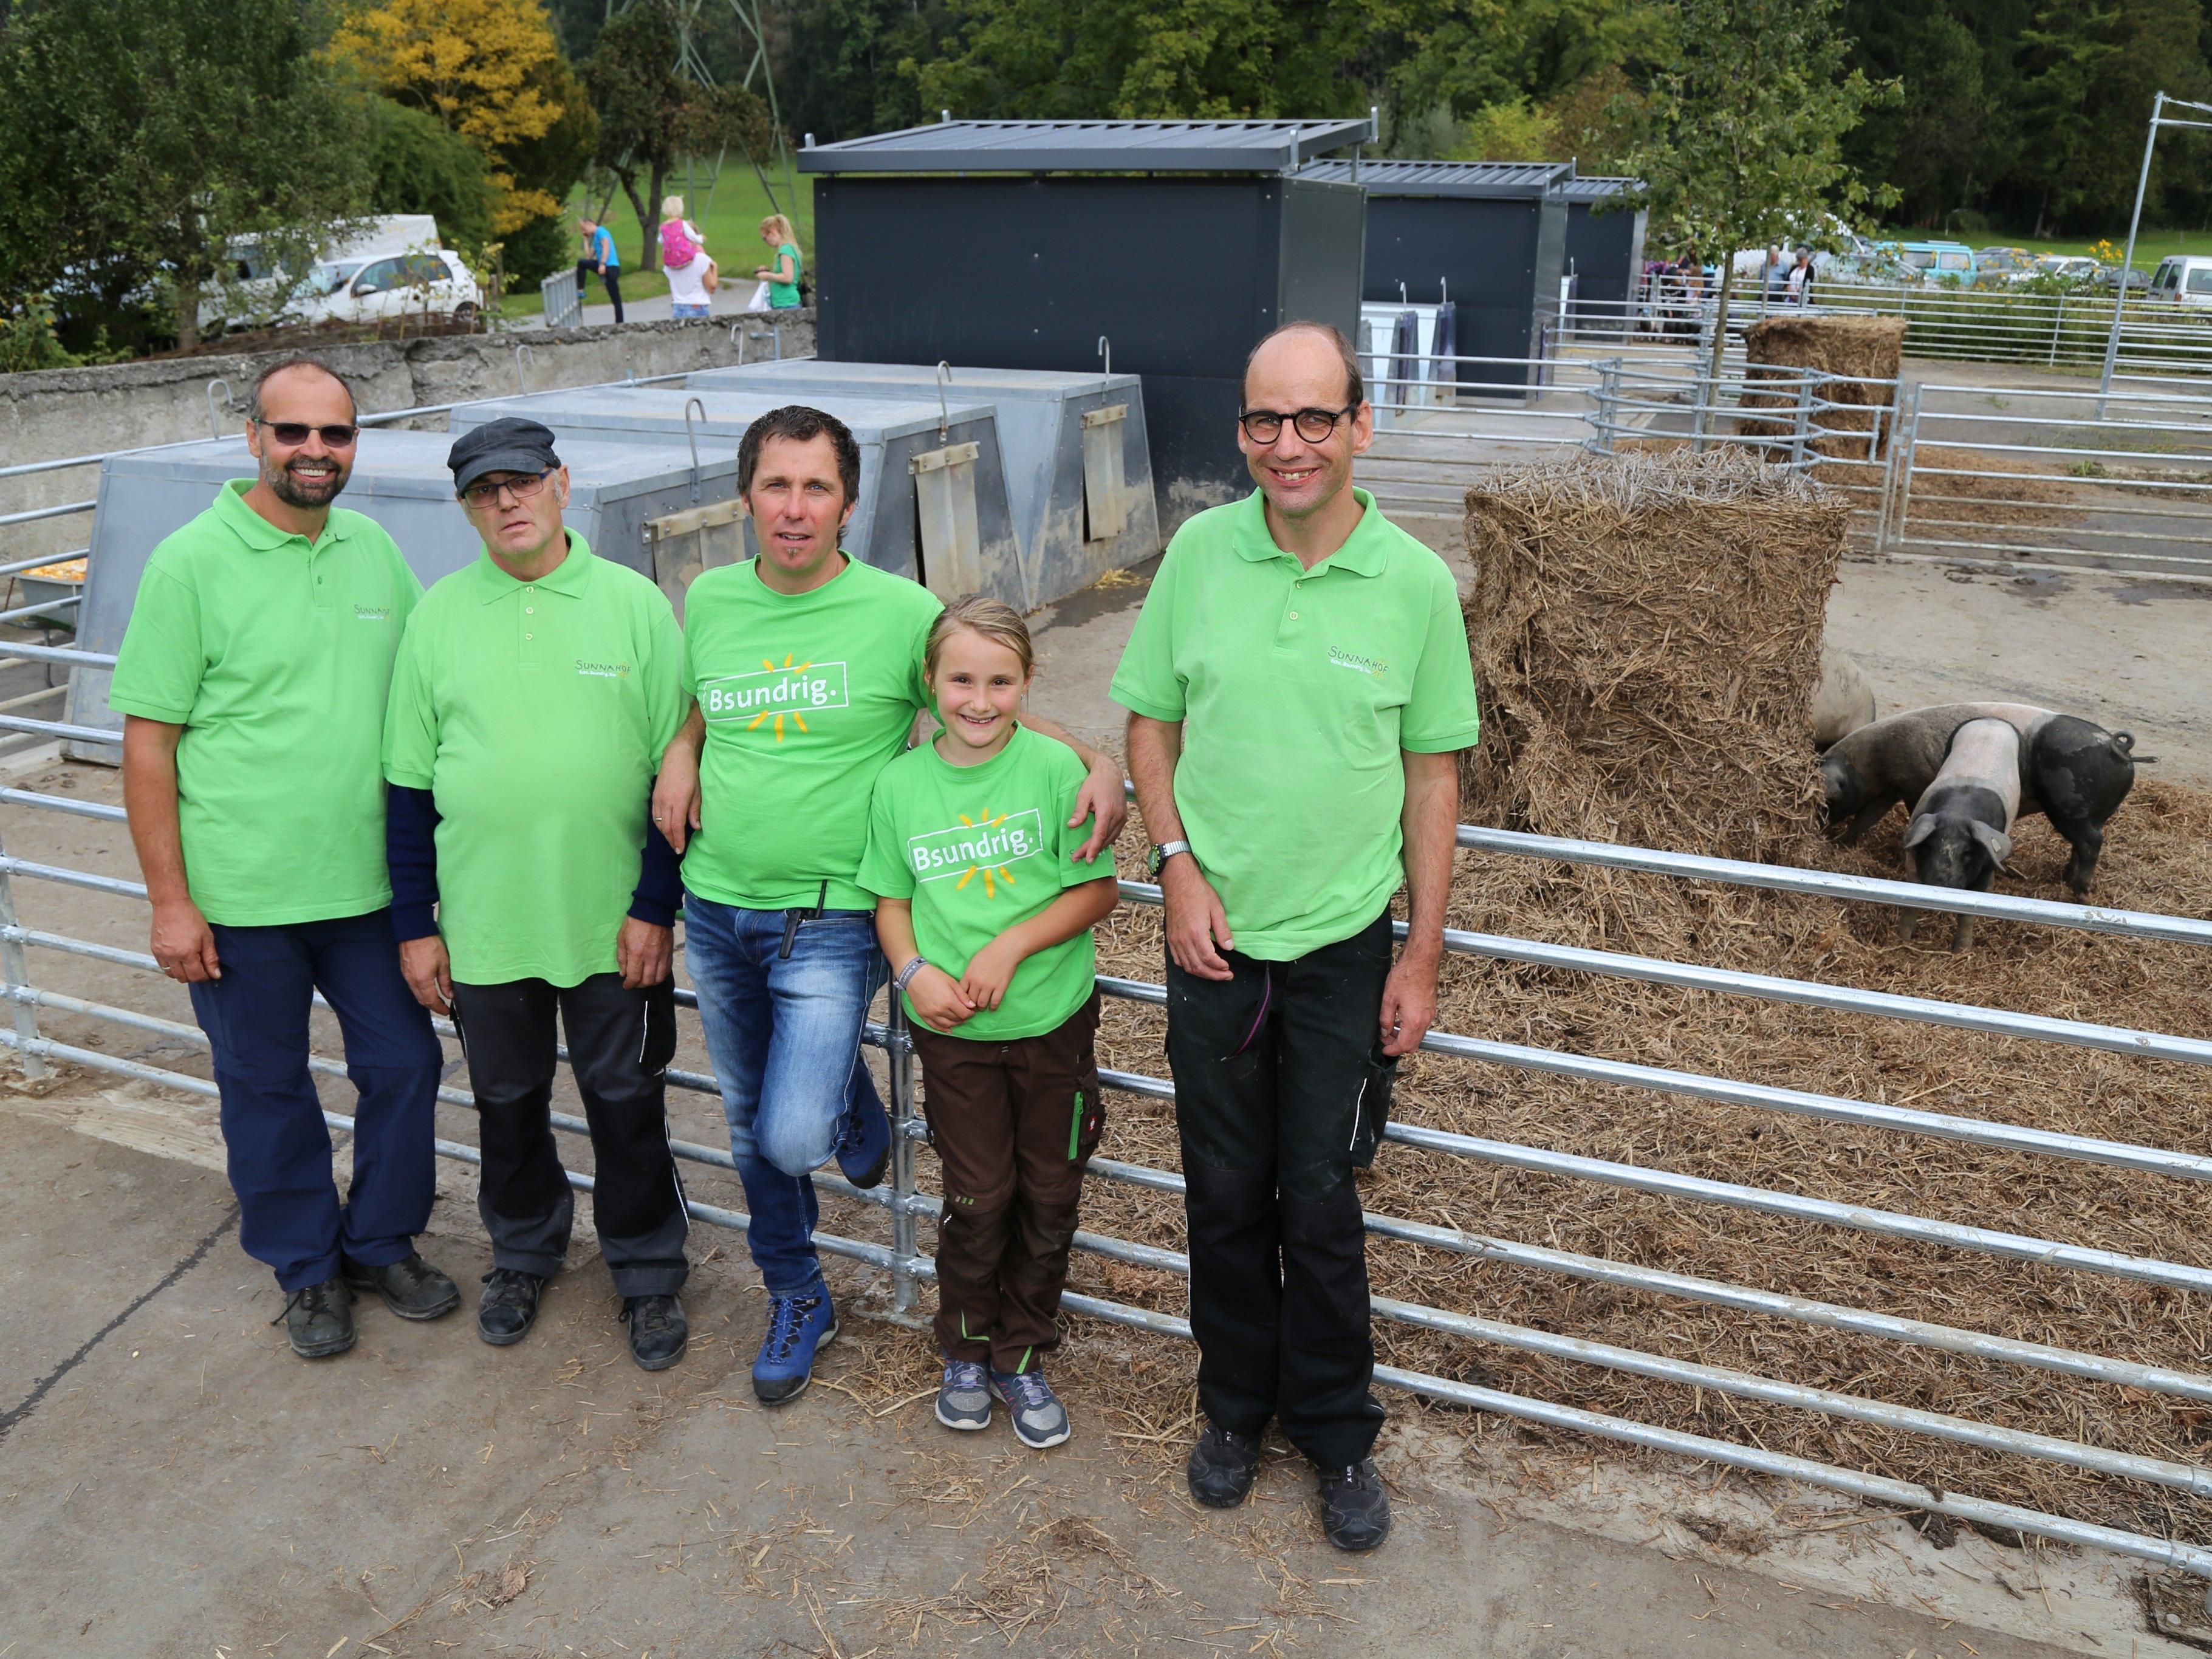 Viel Platz, um sich im Dreck zu wälzen: 600 Quadratmeter für die 40 Schweine am Biobauernhof in Tufers.